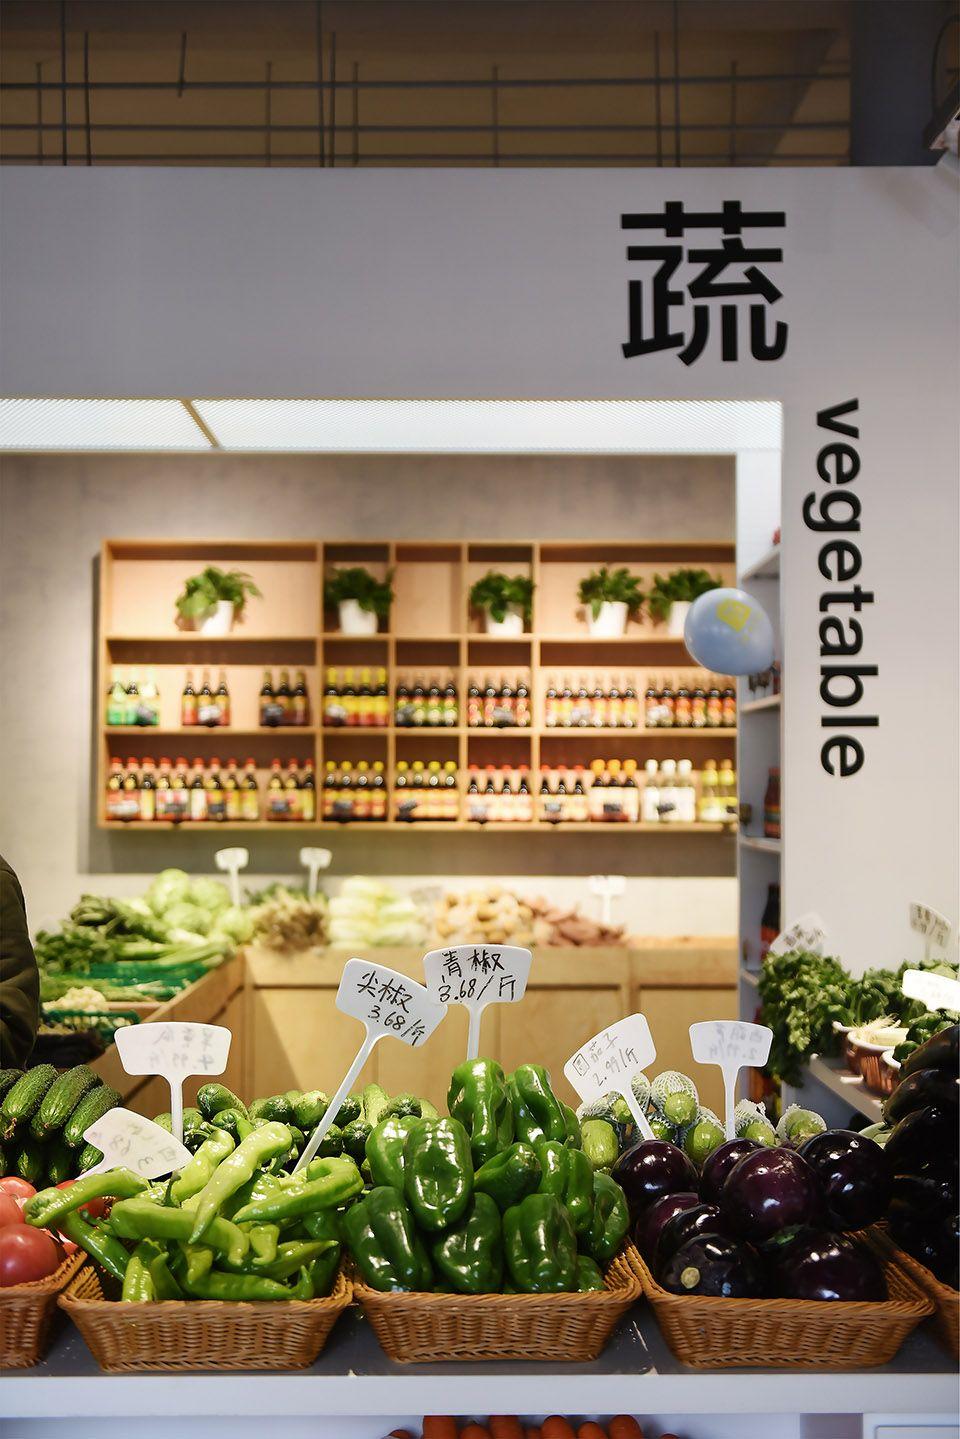 前门老街区的一部清亮短篇,北京微风市集   未来以北工作室 未来以北工作室 - 28